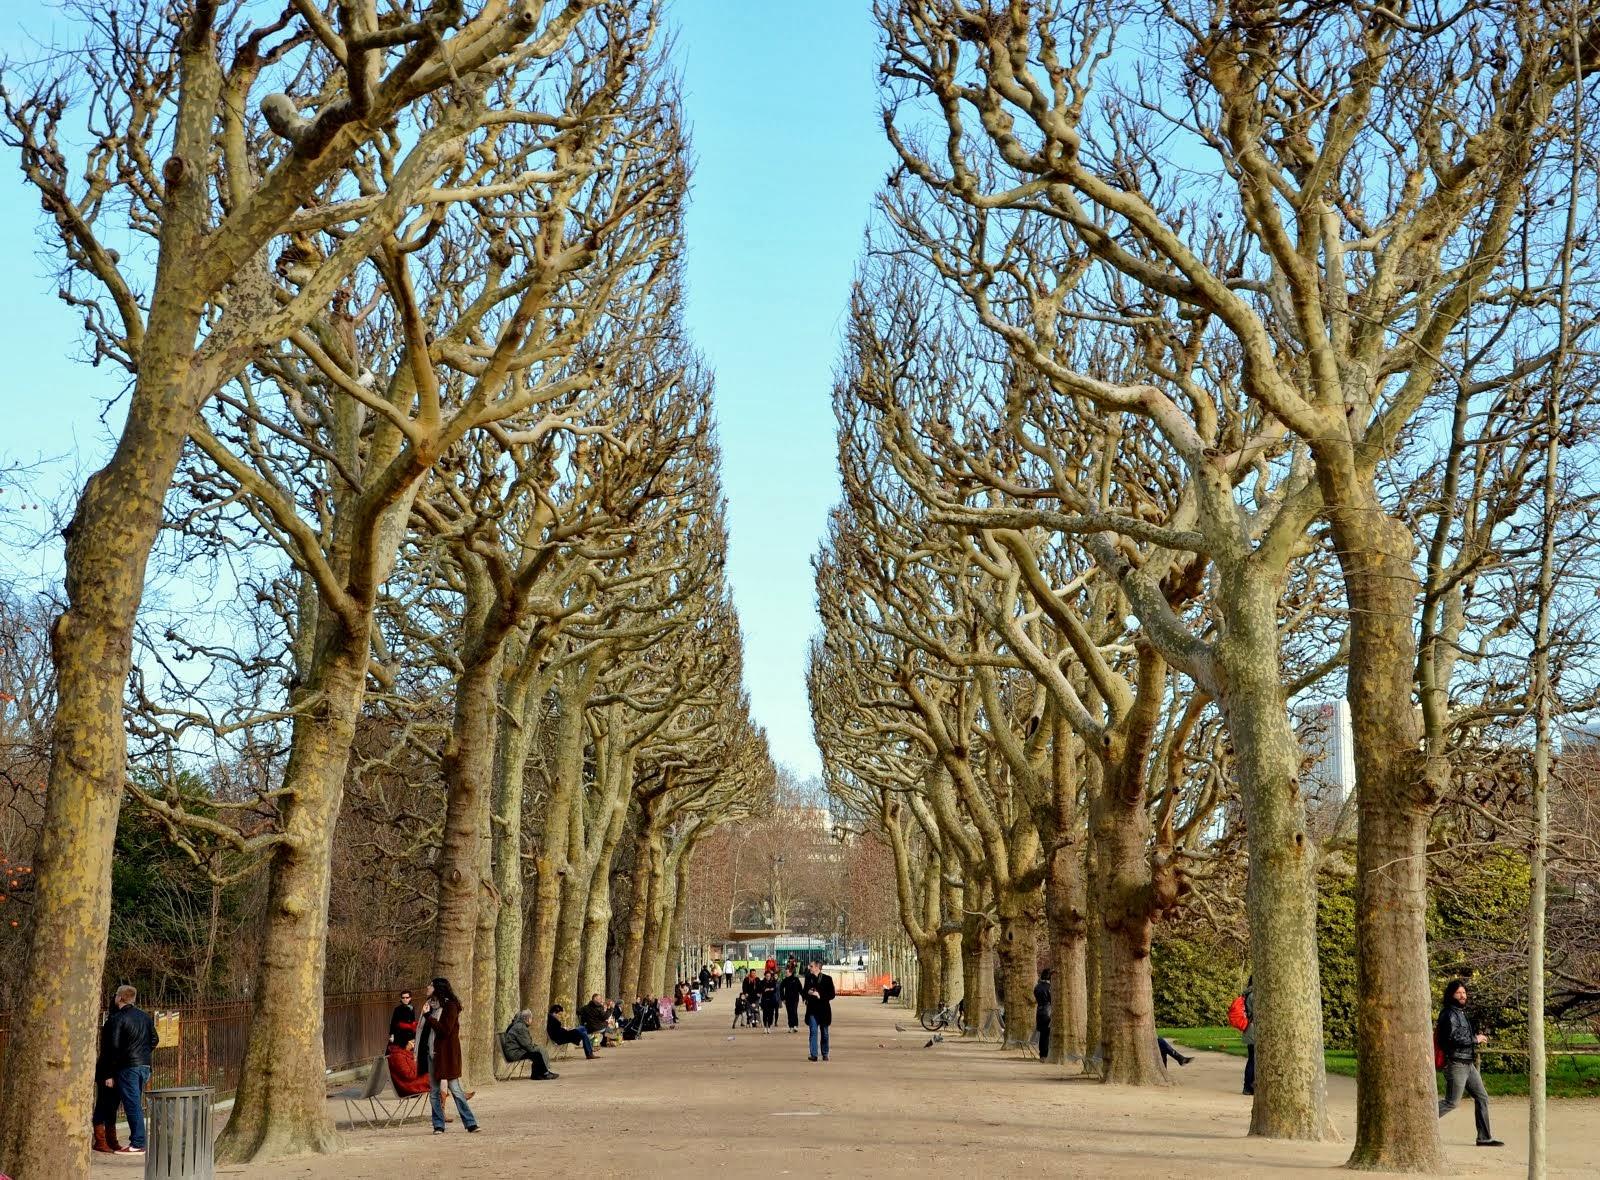 Jardin des Plantes / Paris Botanical Garden